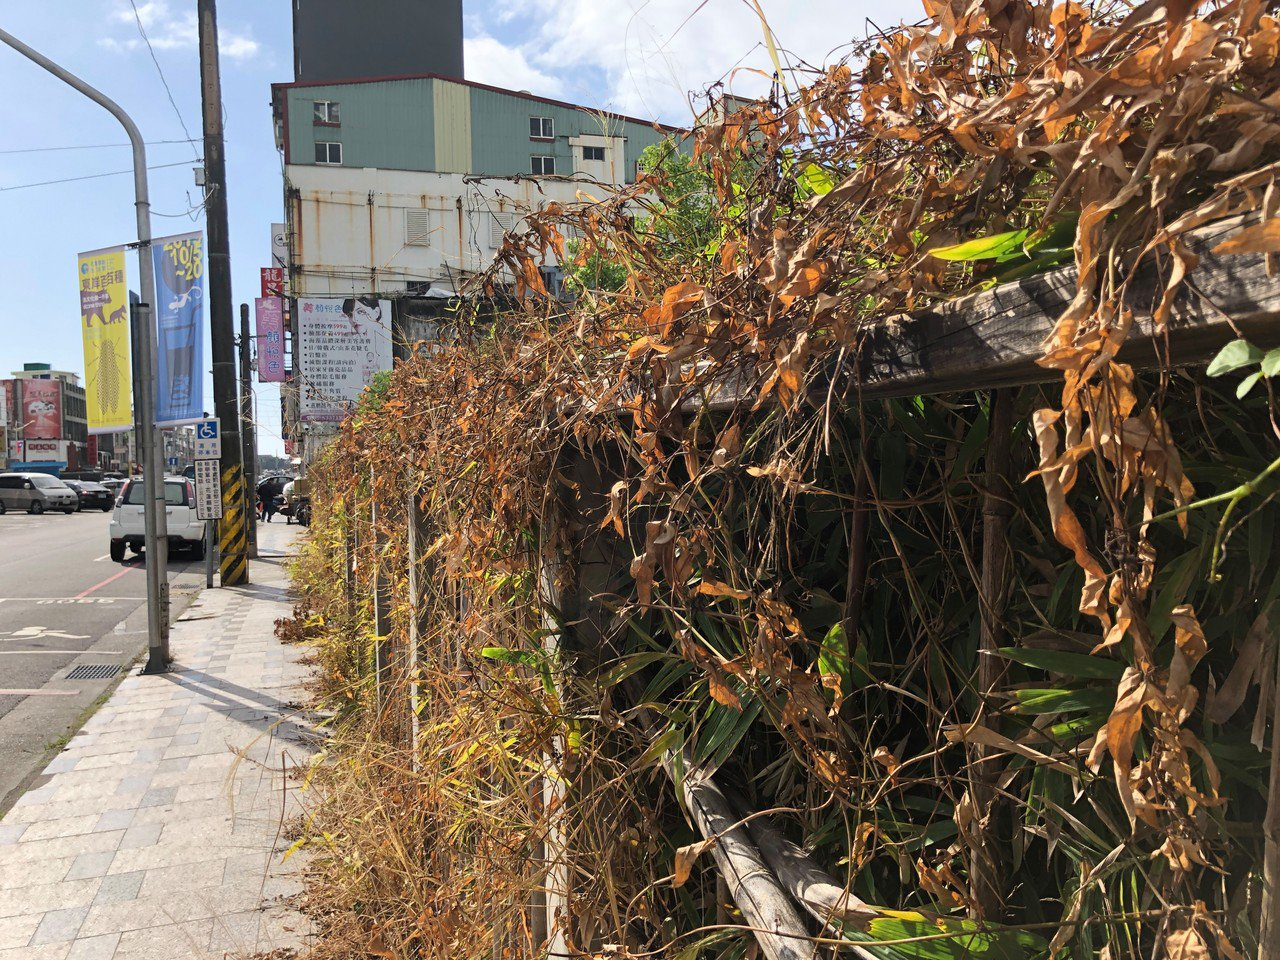 花蓮市區文創園區圍籬邊有大片噴灑除草劑痕跡,枯黃一片的景象讓許多民眾貼上網,更向...